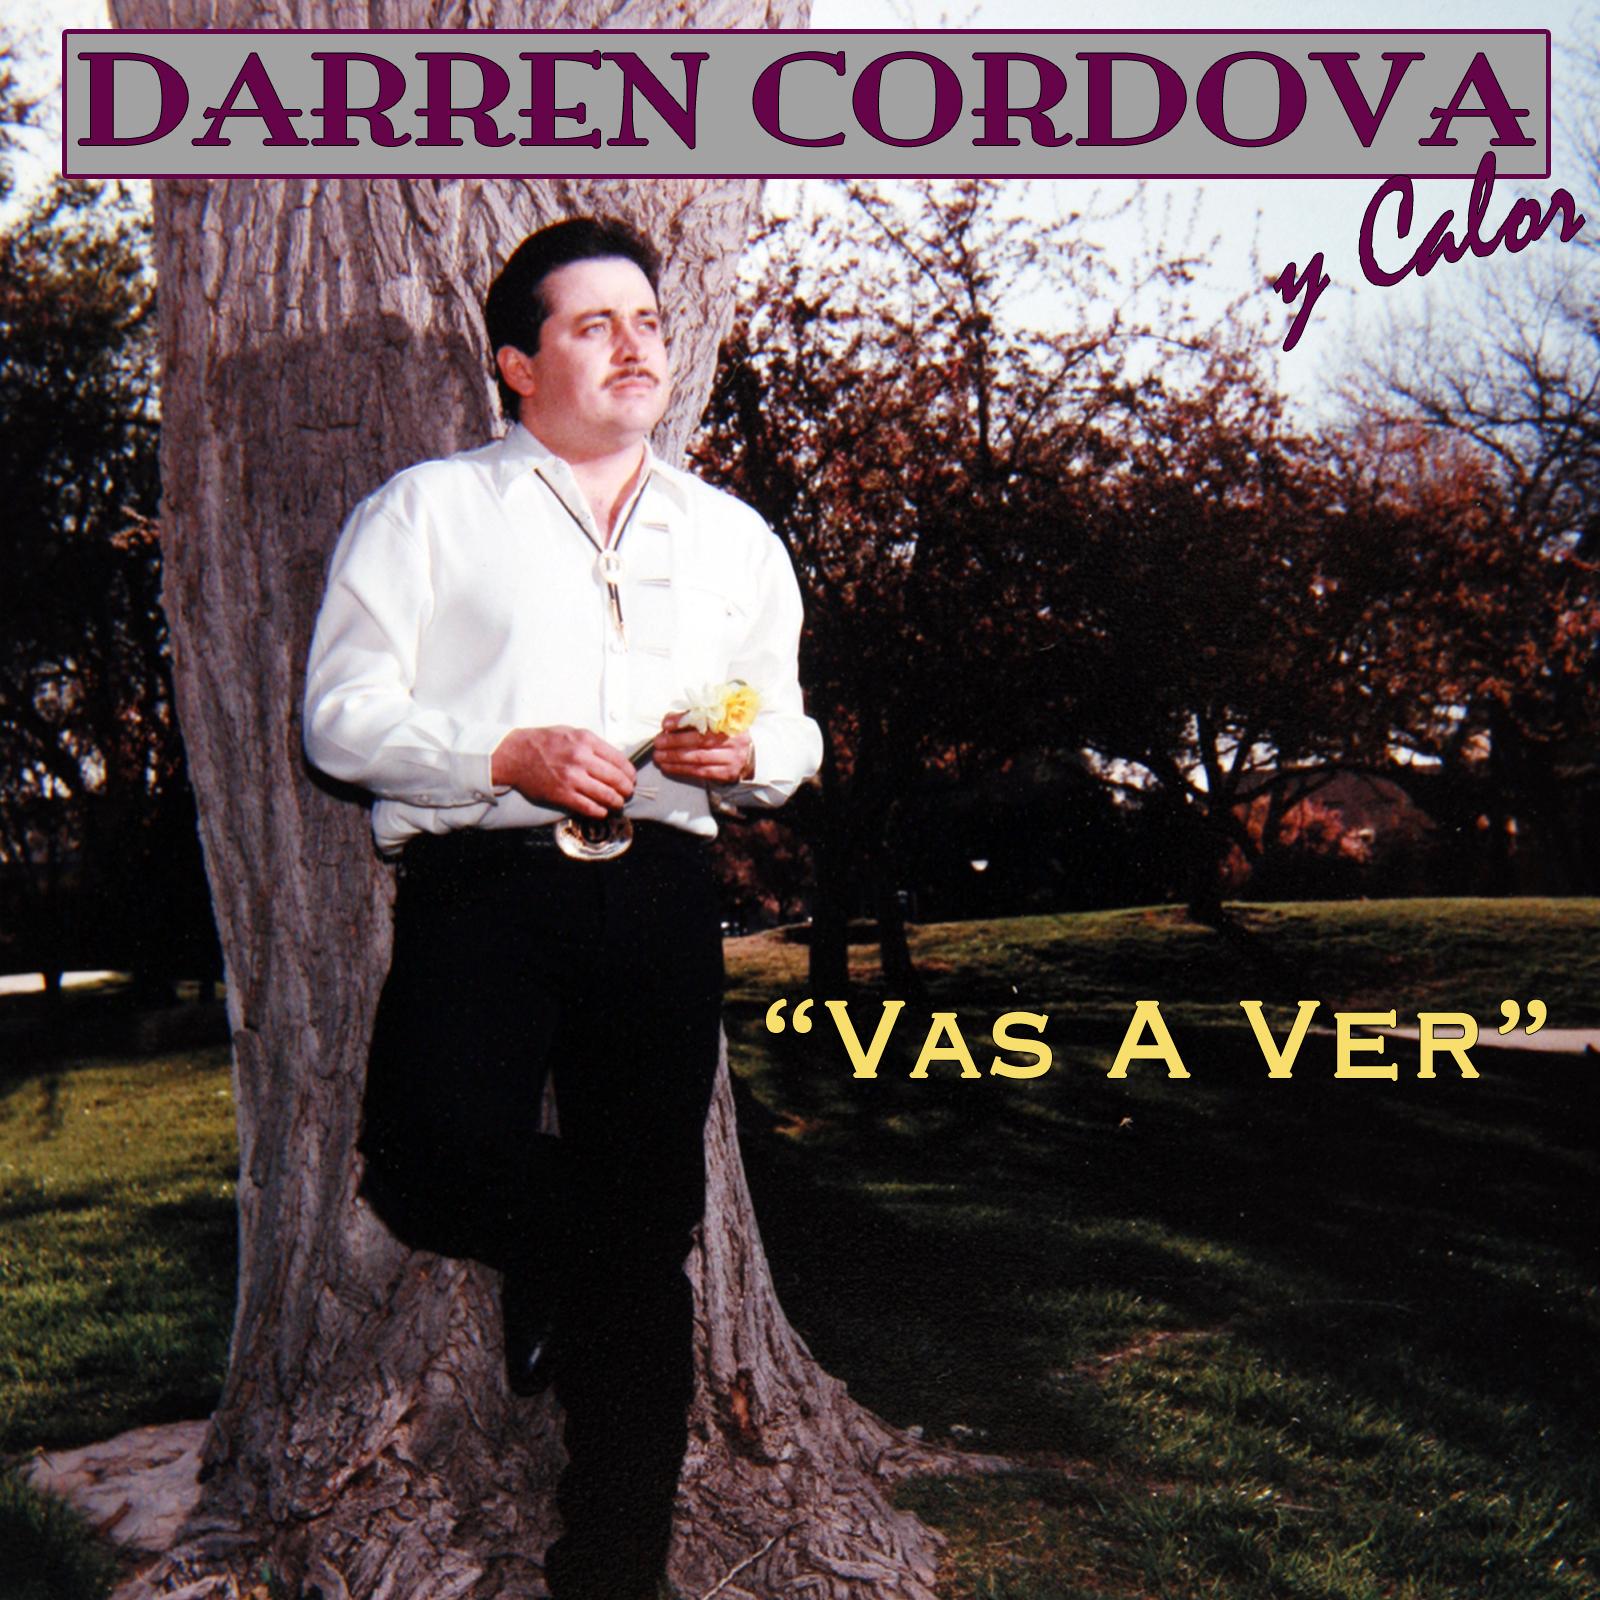 Play & Download Vas A Ver by Darren Cordova Y Calor | Napster